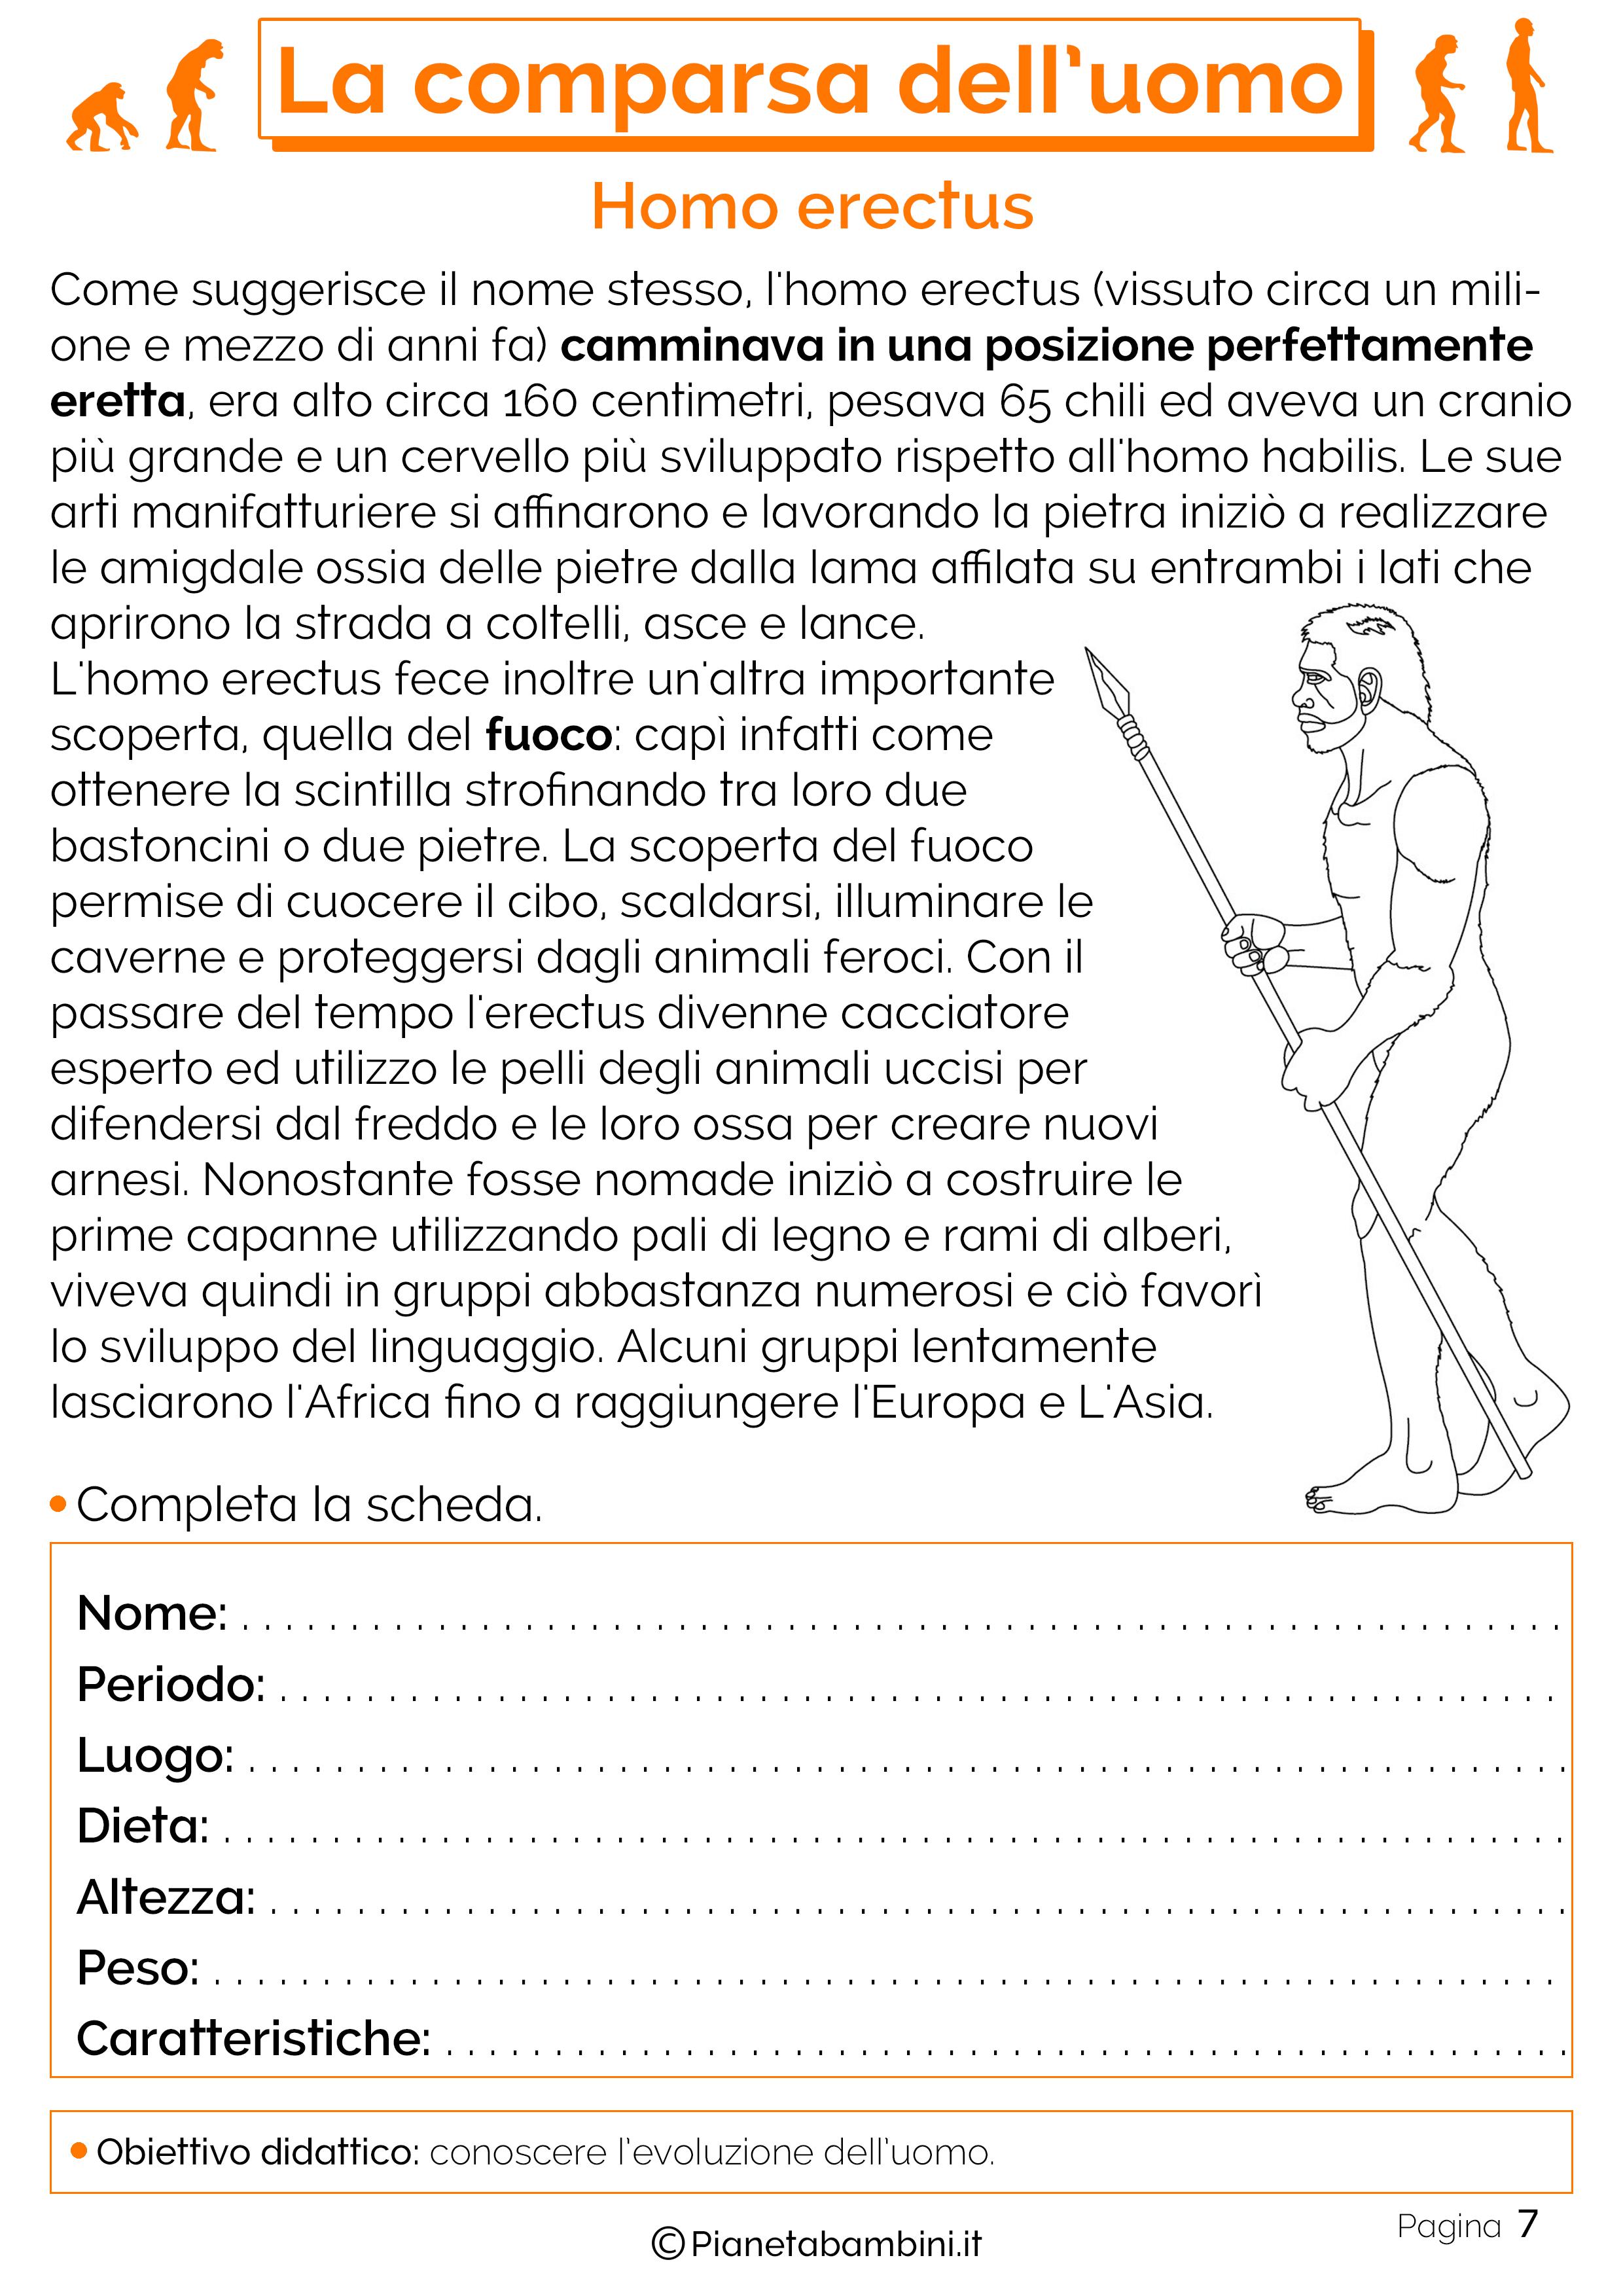 Esercizi sulla comparsa dell'uomo 7